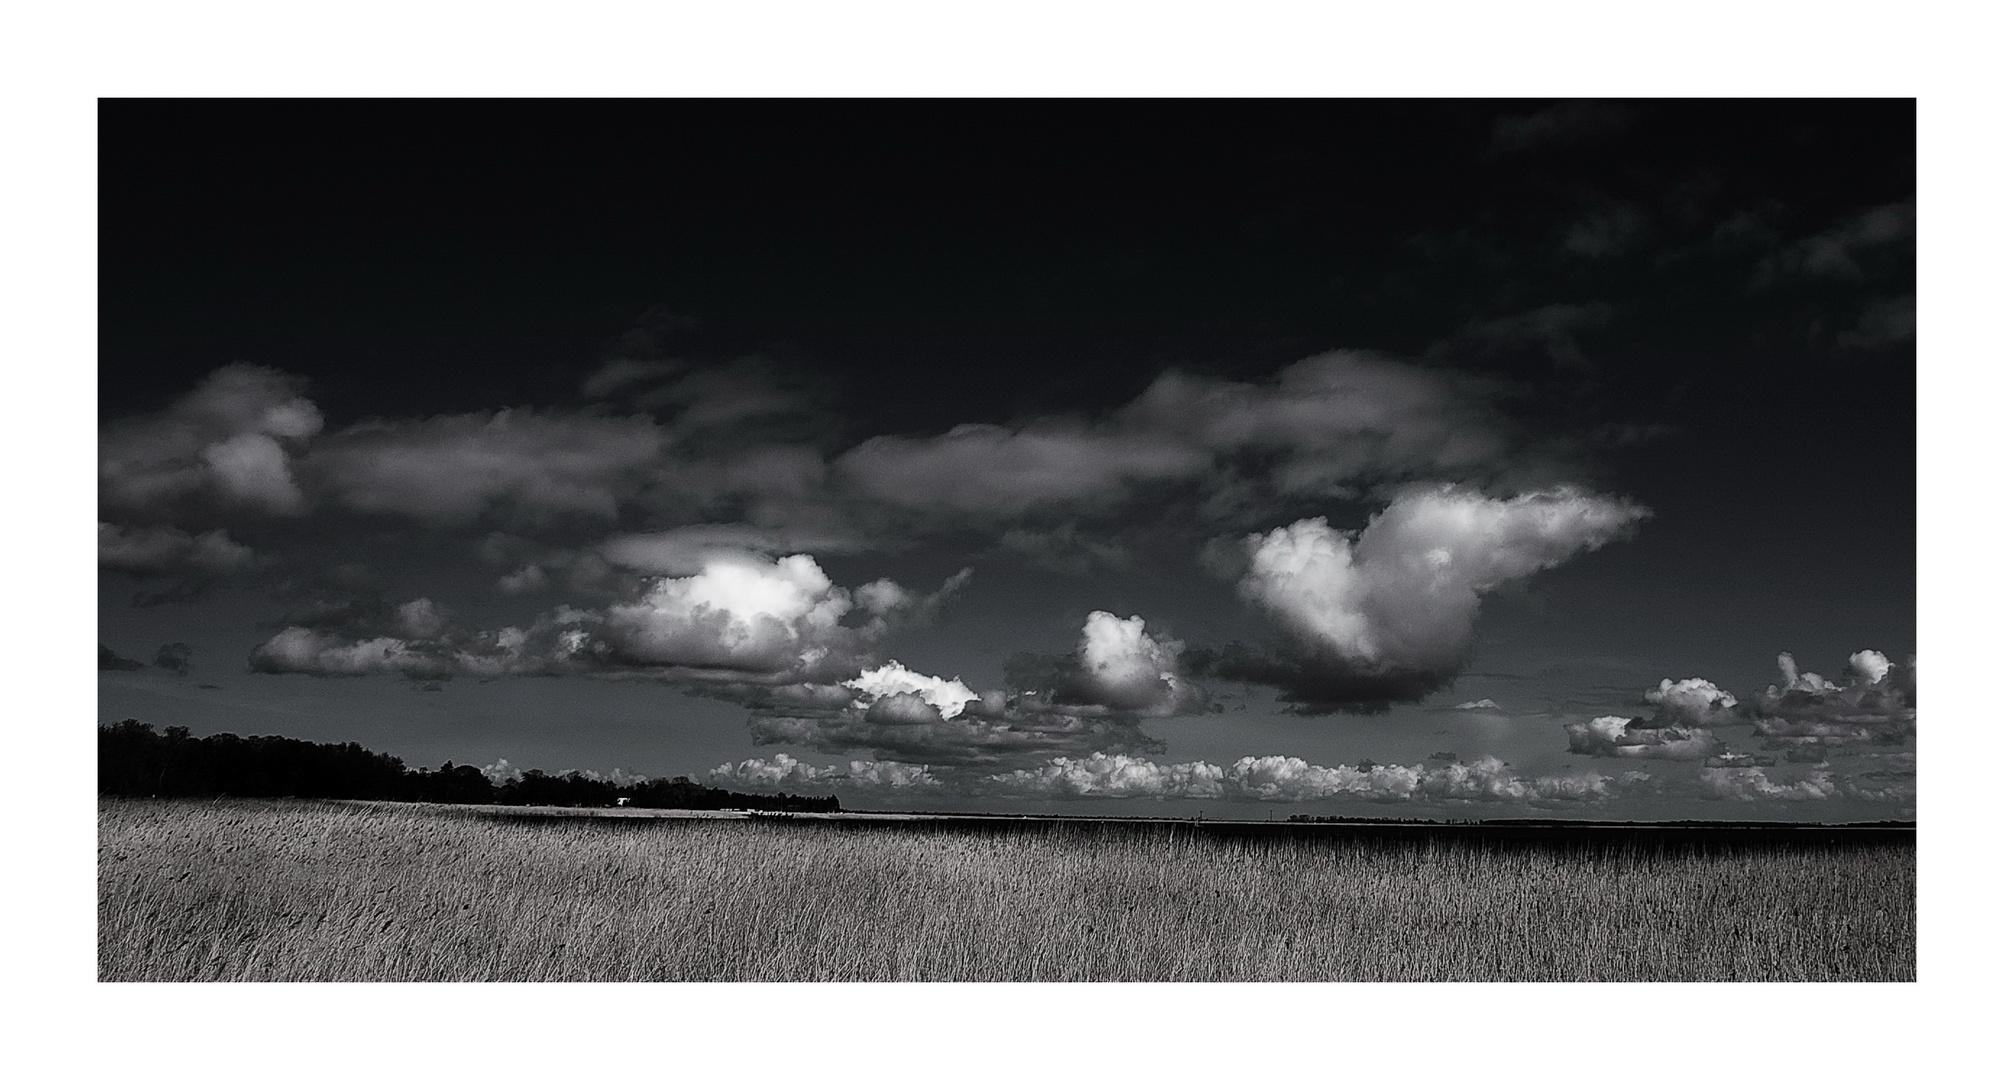 Wolken über dem Bodden